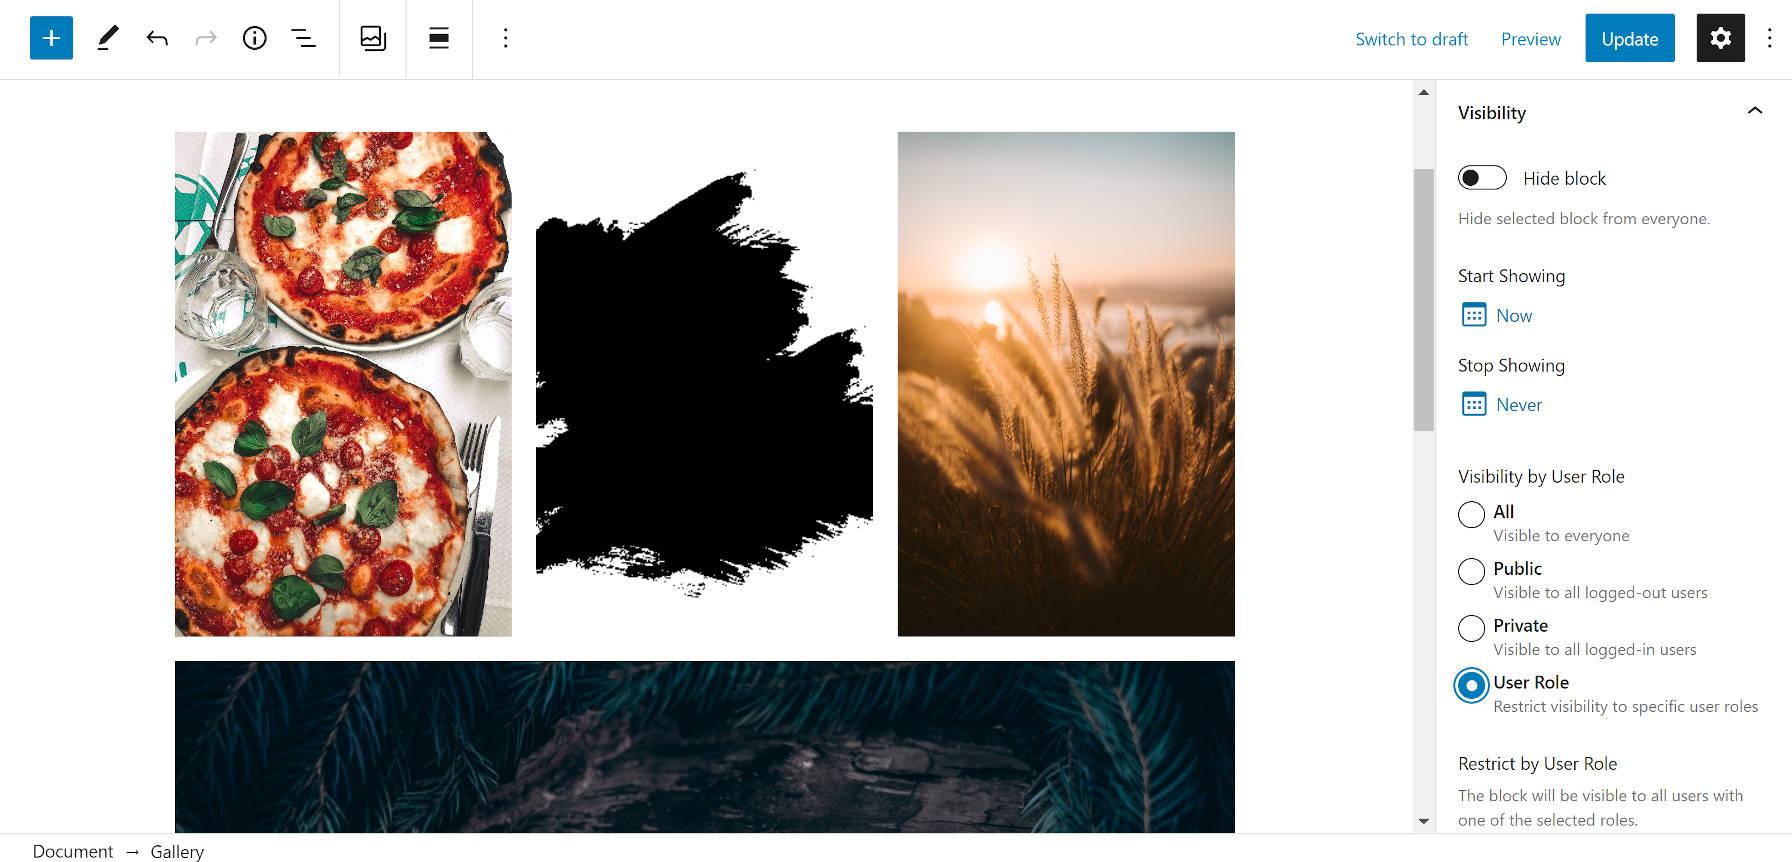 通过块可见性wordpress插件显示和隐藏内容通过块可见性WordPress插件显示和隐藏内容